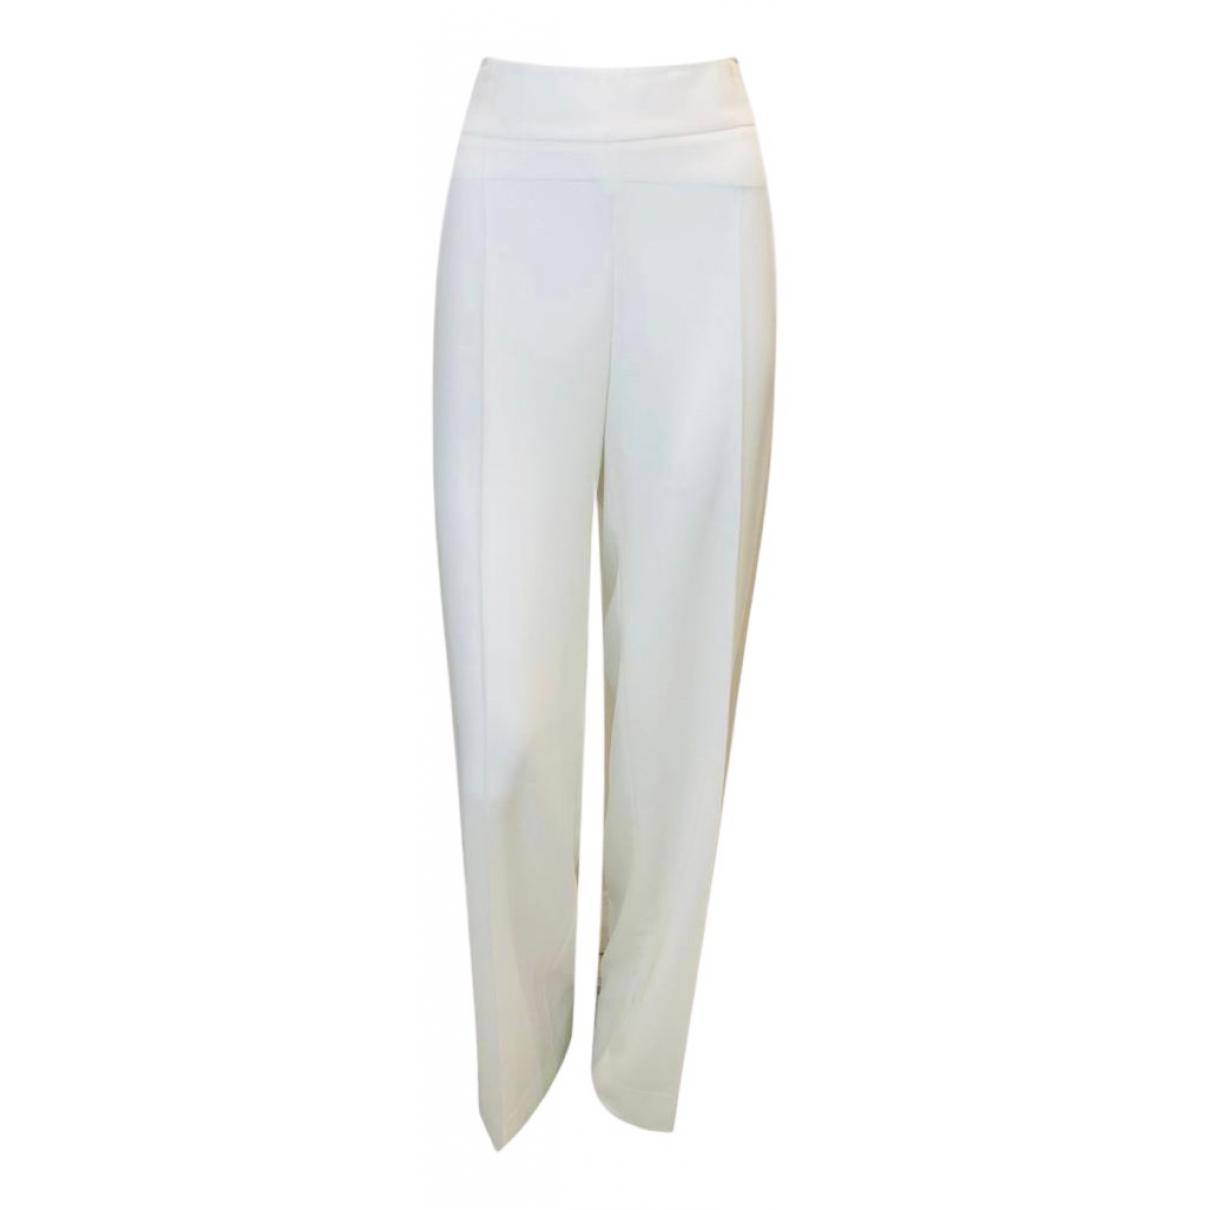 Pantalon en Poliester Blanco Armani Collezioni